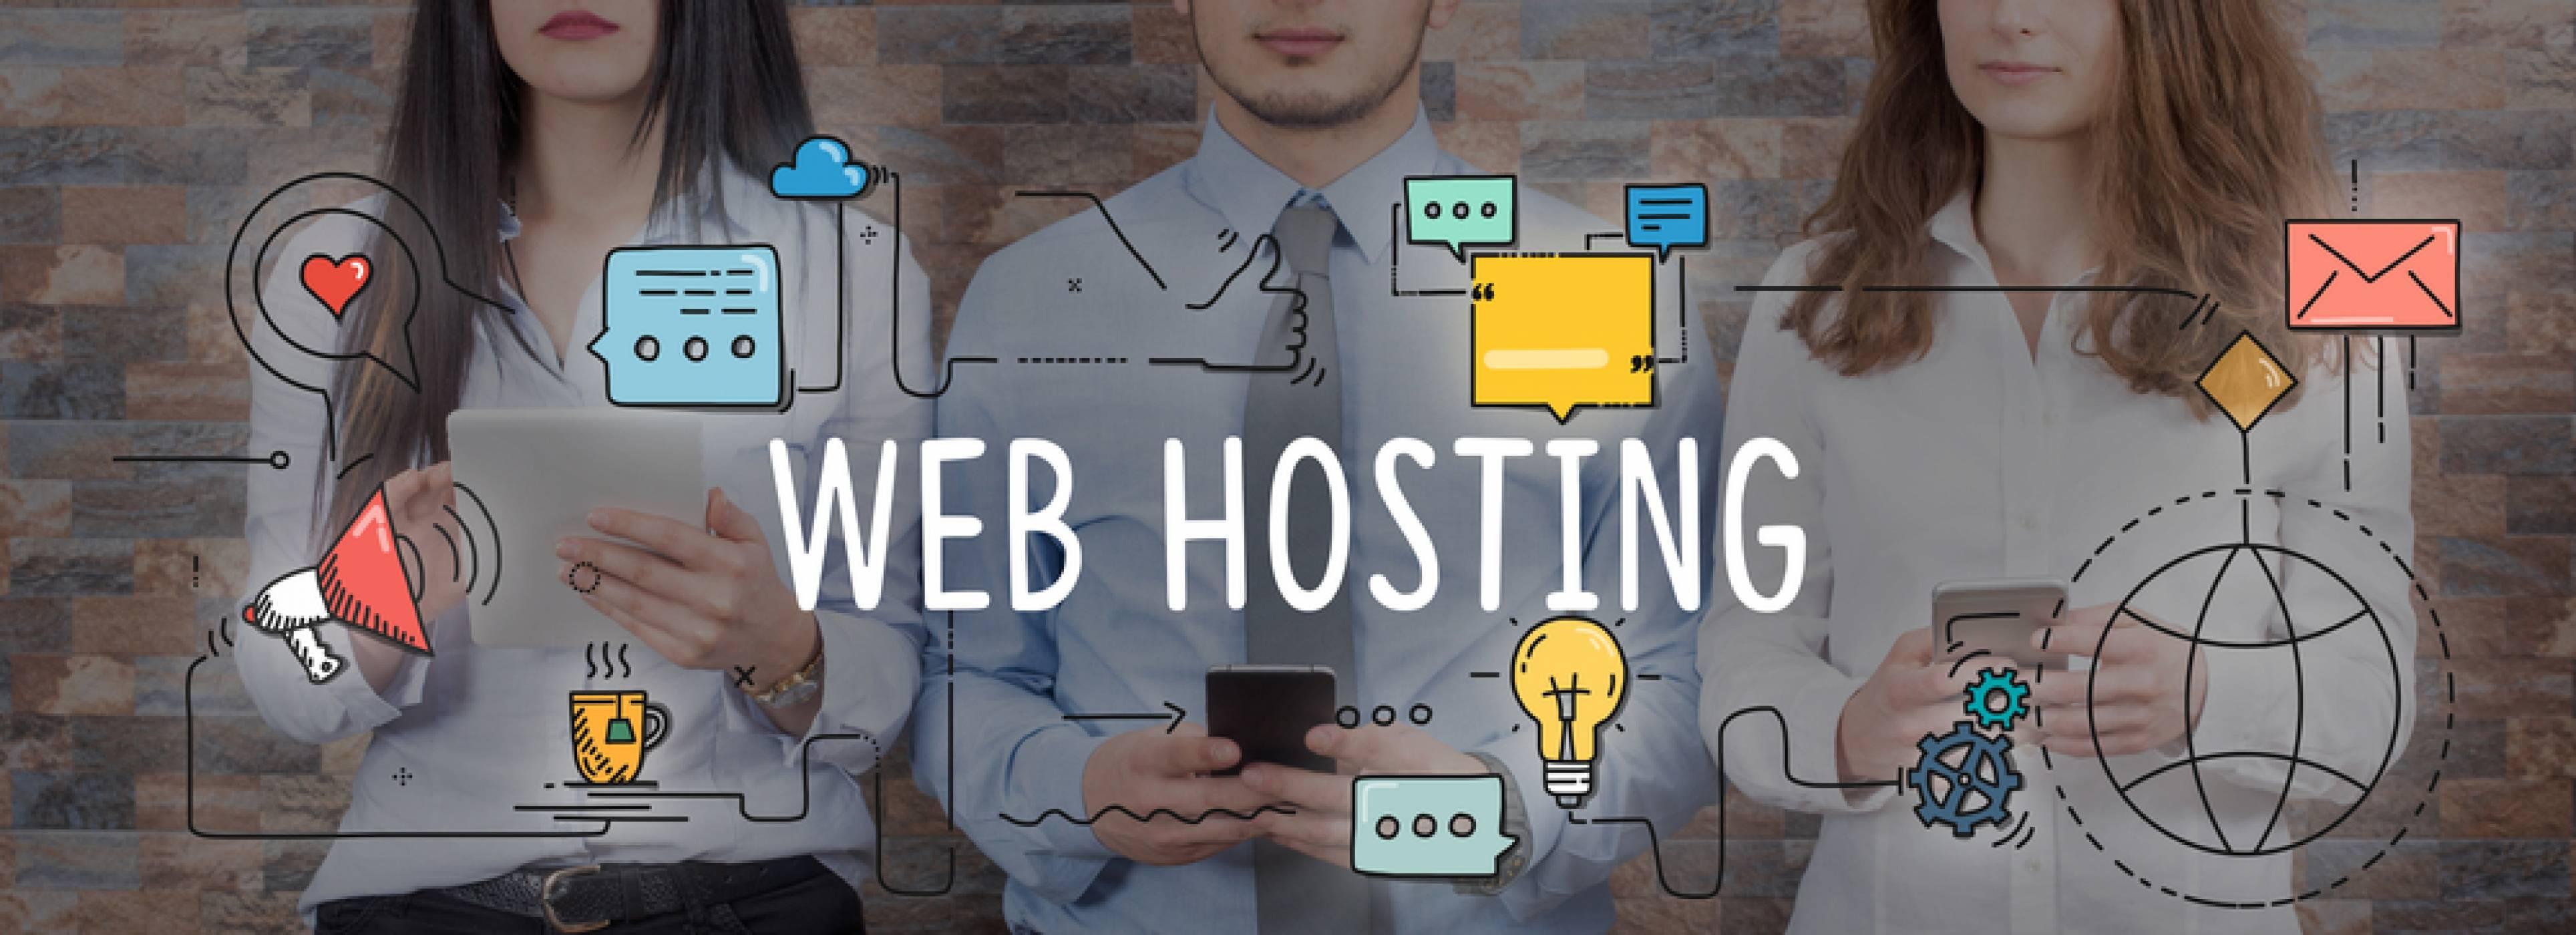 Какво е уеб хостинг и защо е важно да изберете най-добрия хостинг доставчик за вашия бизнес?